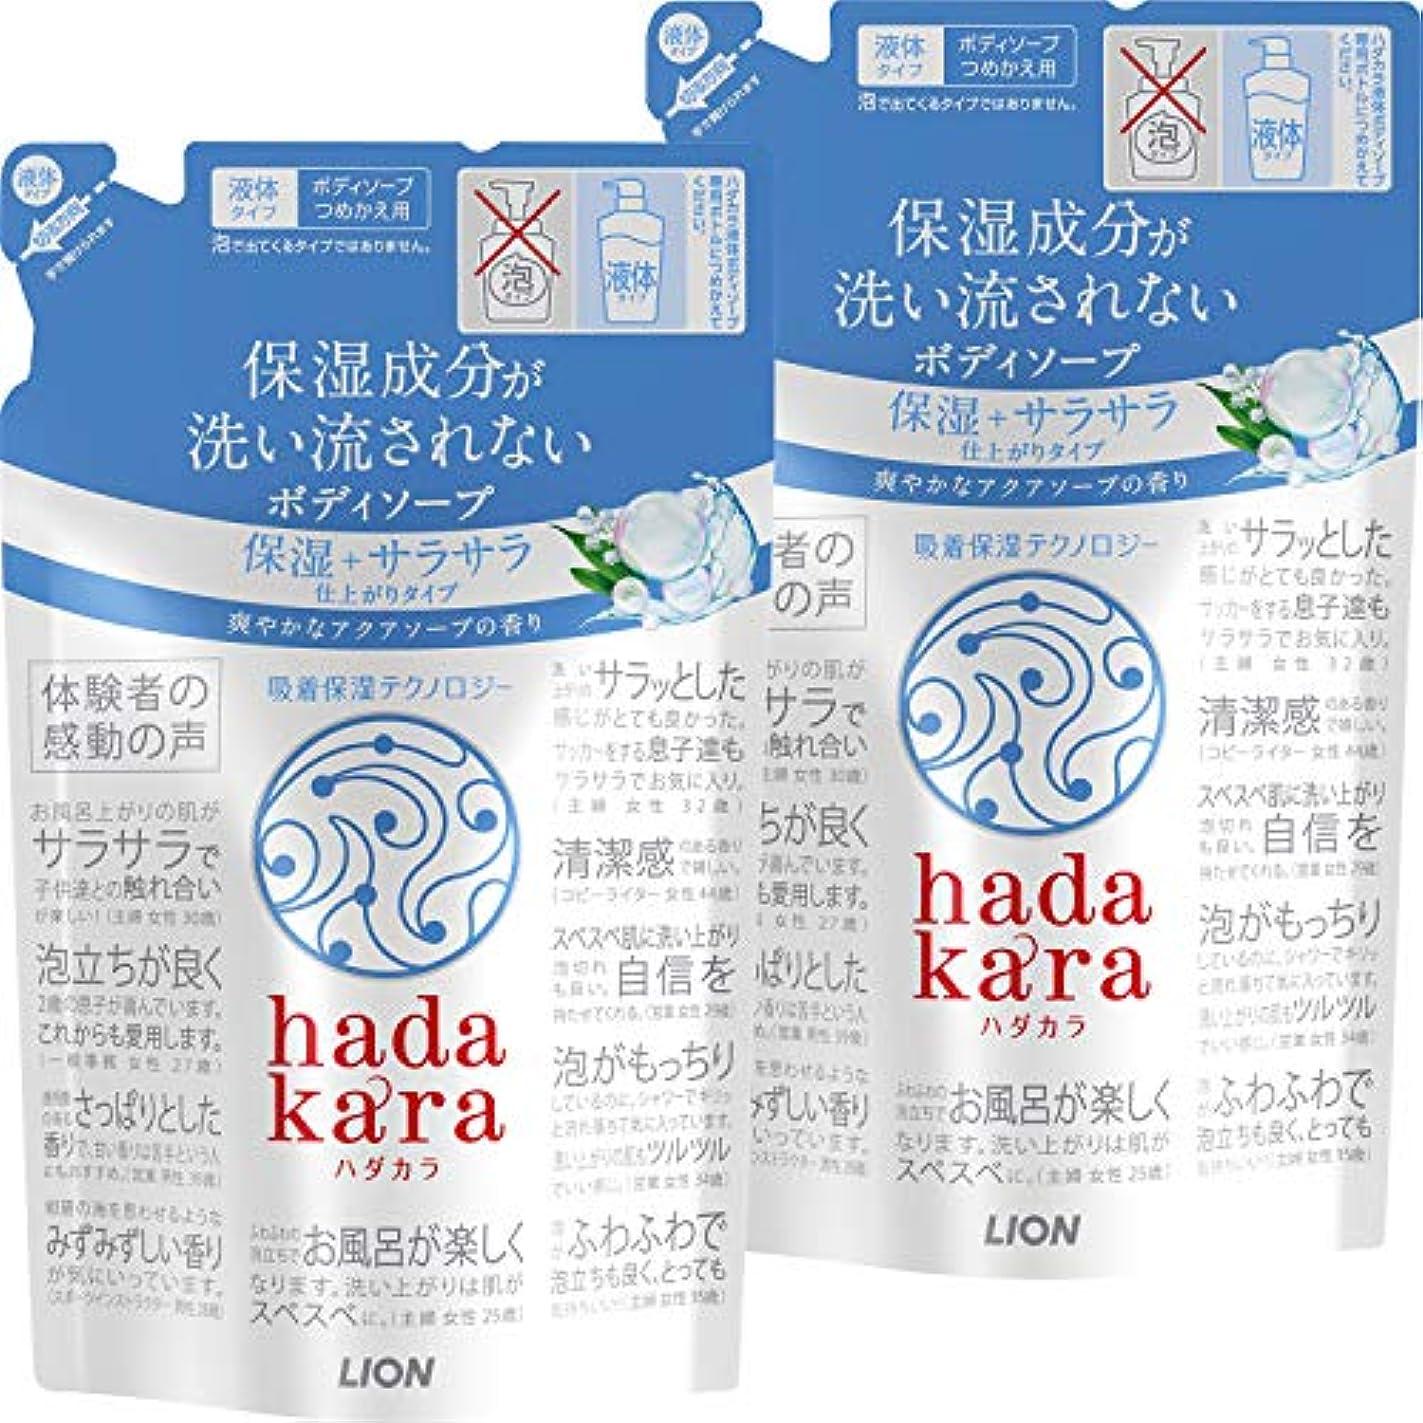 給料幽霊バイアス【まとめ買い】hadakara(ハダカラ) ボディソープ 保湿+サラサラ仕上がりタイプ アクアソープの香り 詰め替え 340ml×2個パック